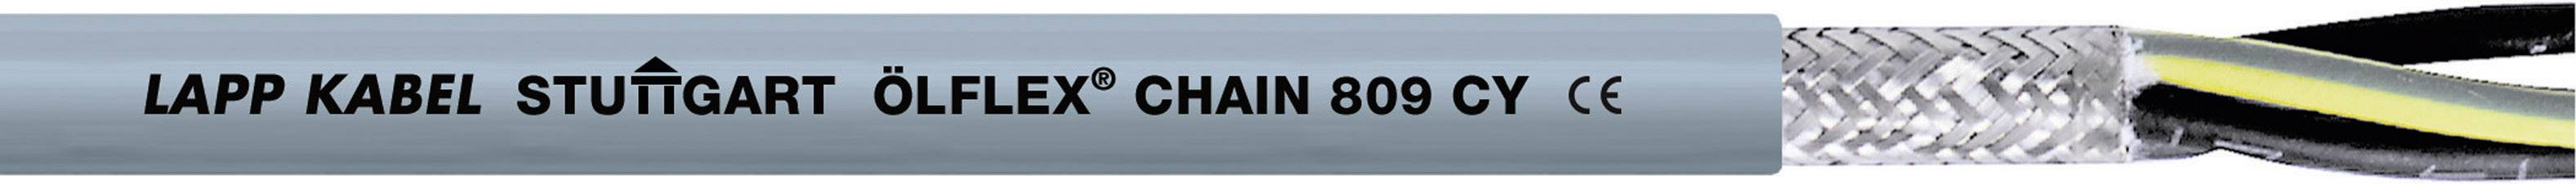 Žíla kabelu LappKabel ÖLFLEX CHAIN 809 CY 4G4 (1026788), 4x 4 mm², PVC, Ø 11,9 mm, stíněný, 50 m, šedá